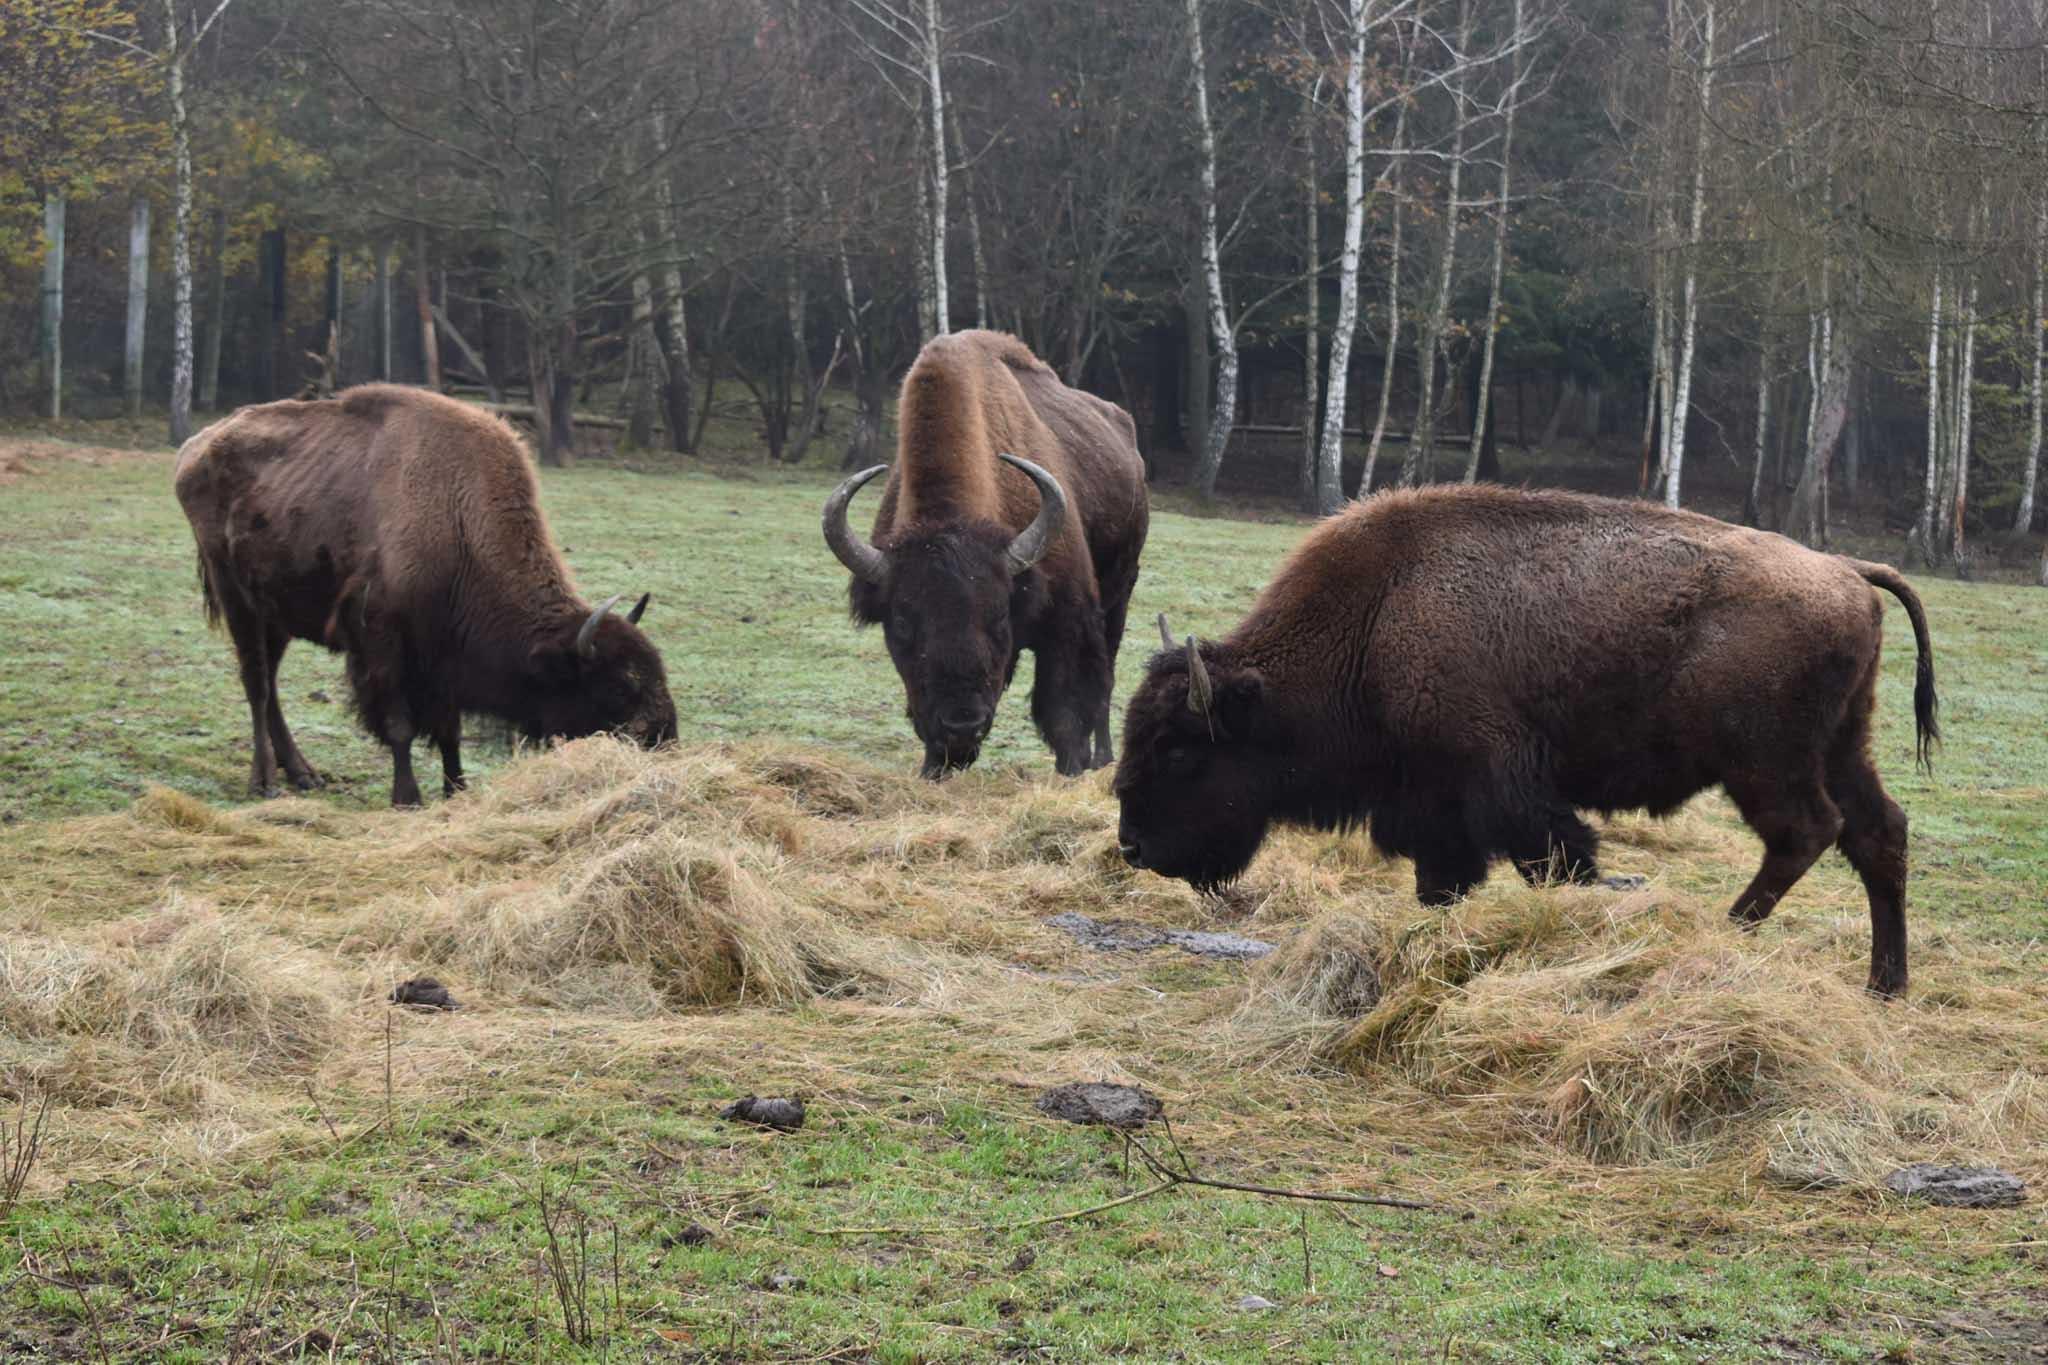 Бізони з Долинщини відтепер живуть у Галицькому нацпарку (ФОТО)